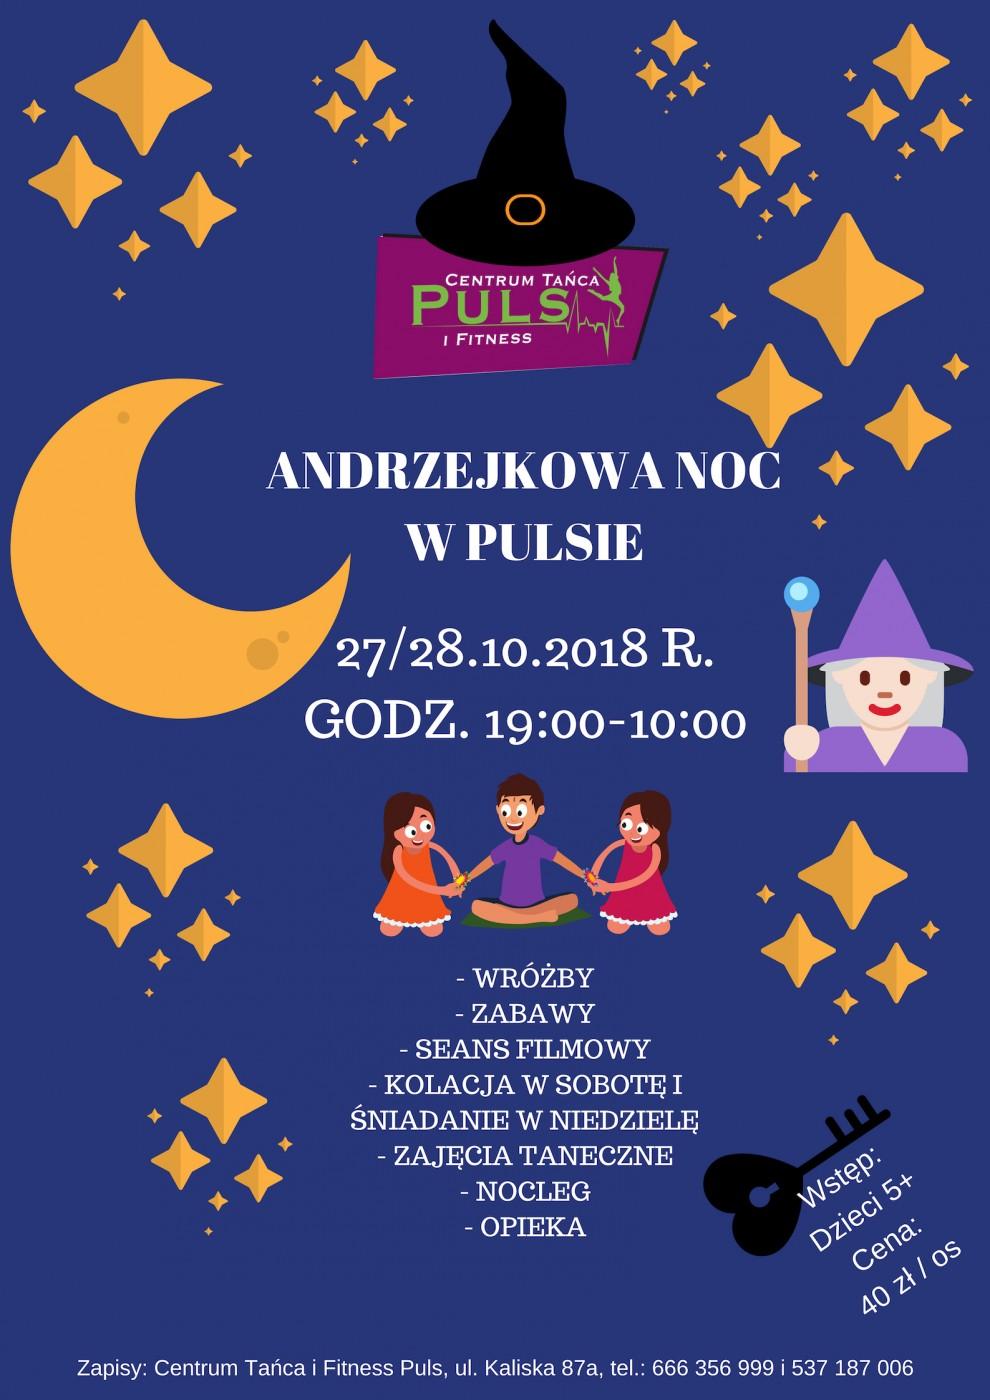 Wyjątkowa Noc Andrzejkowa!